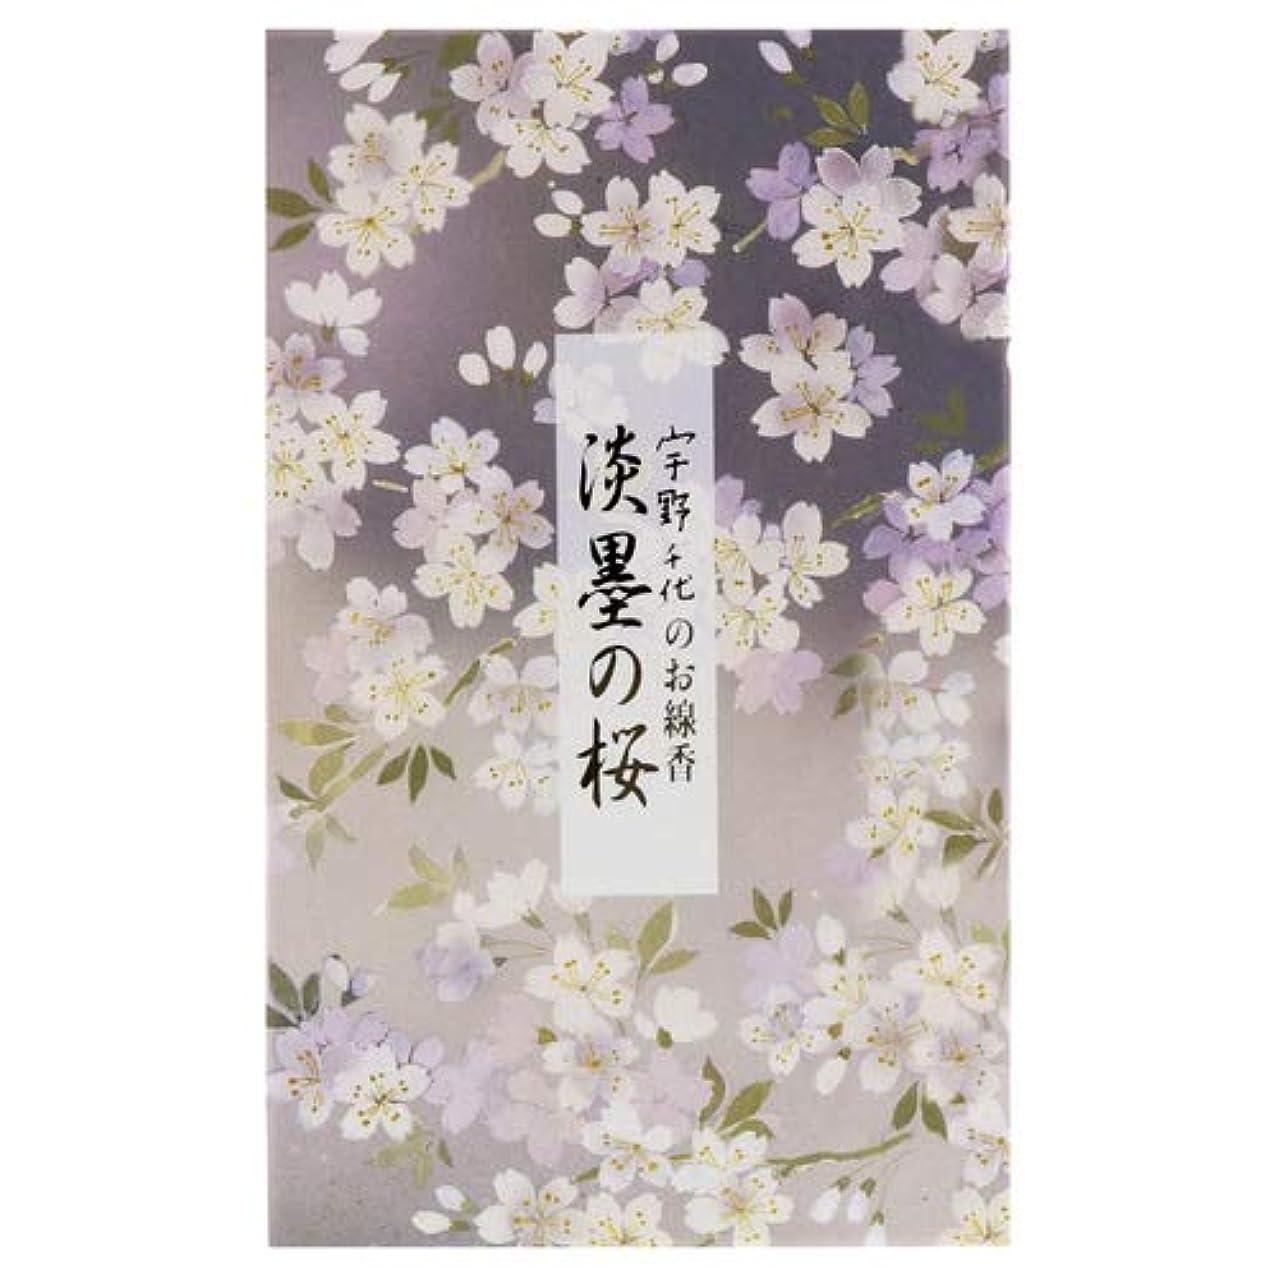 株式会社満員測定宇野千代のお線香 淡墨の桜 バラ詰